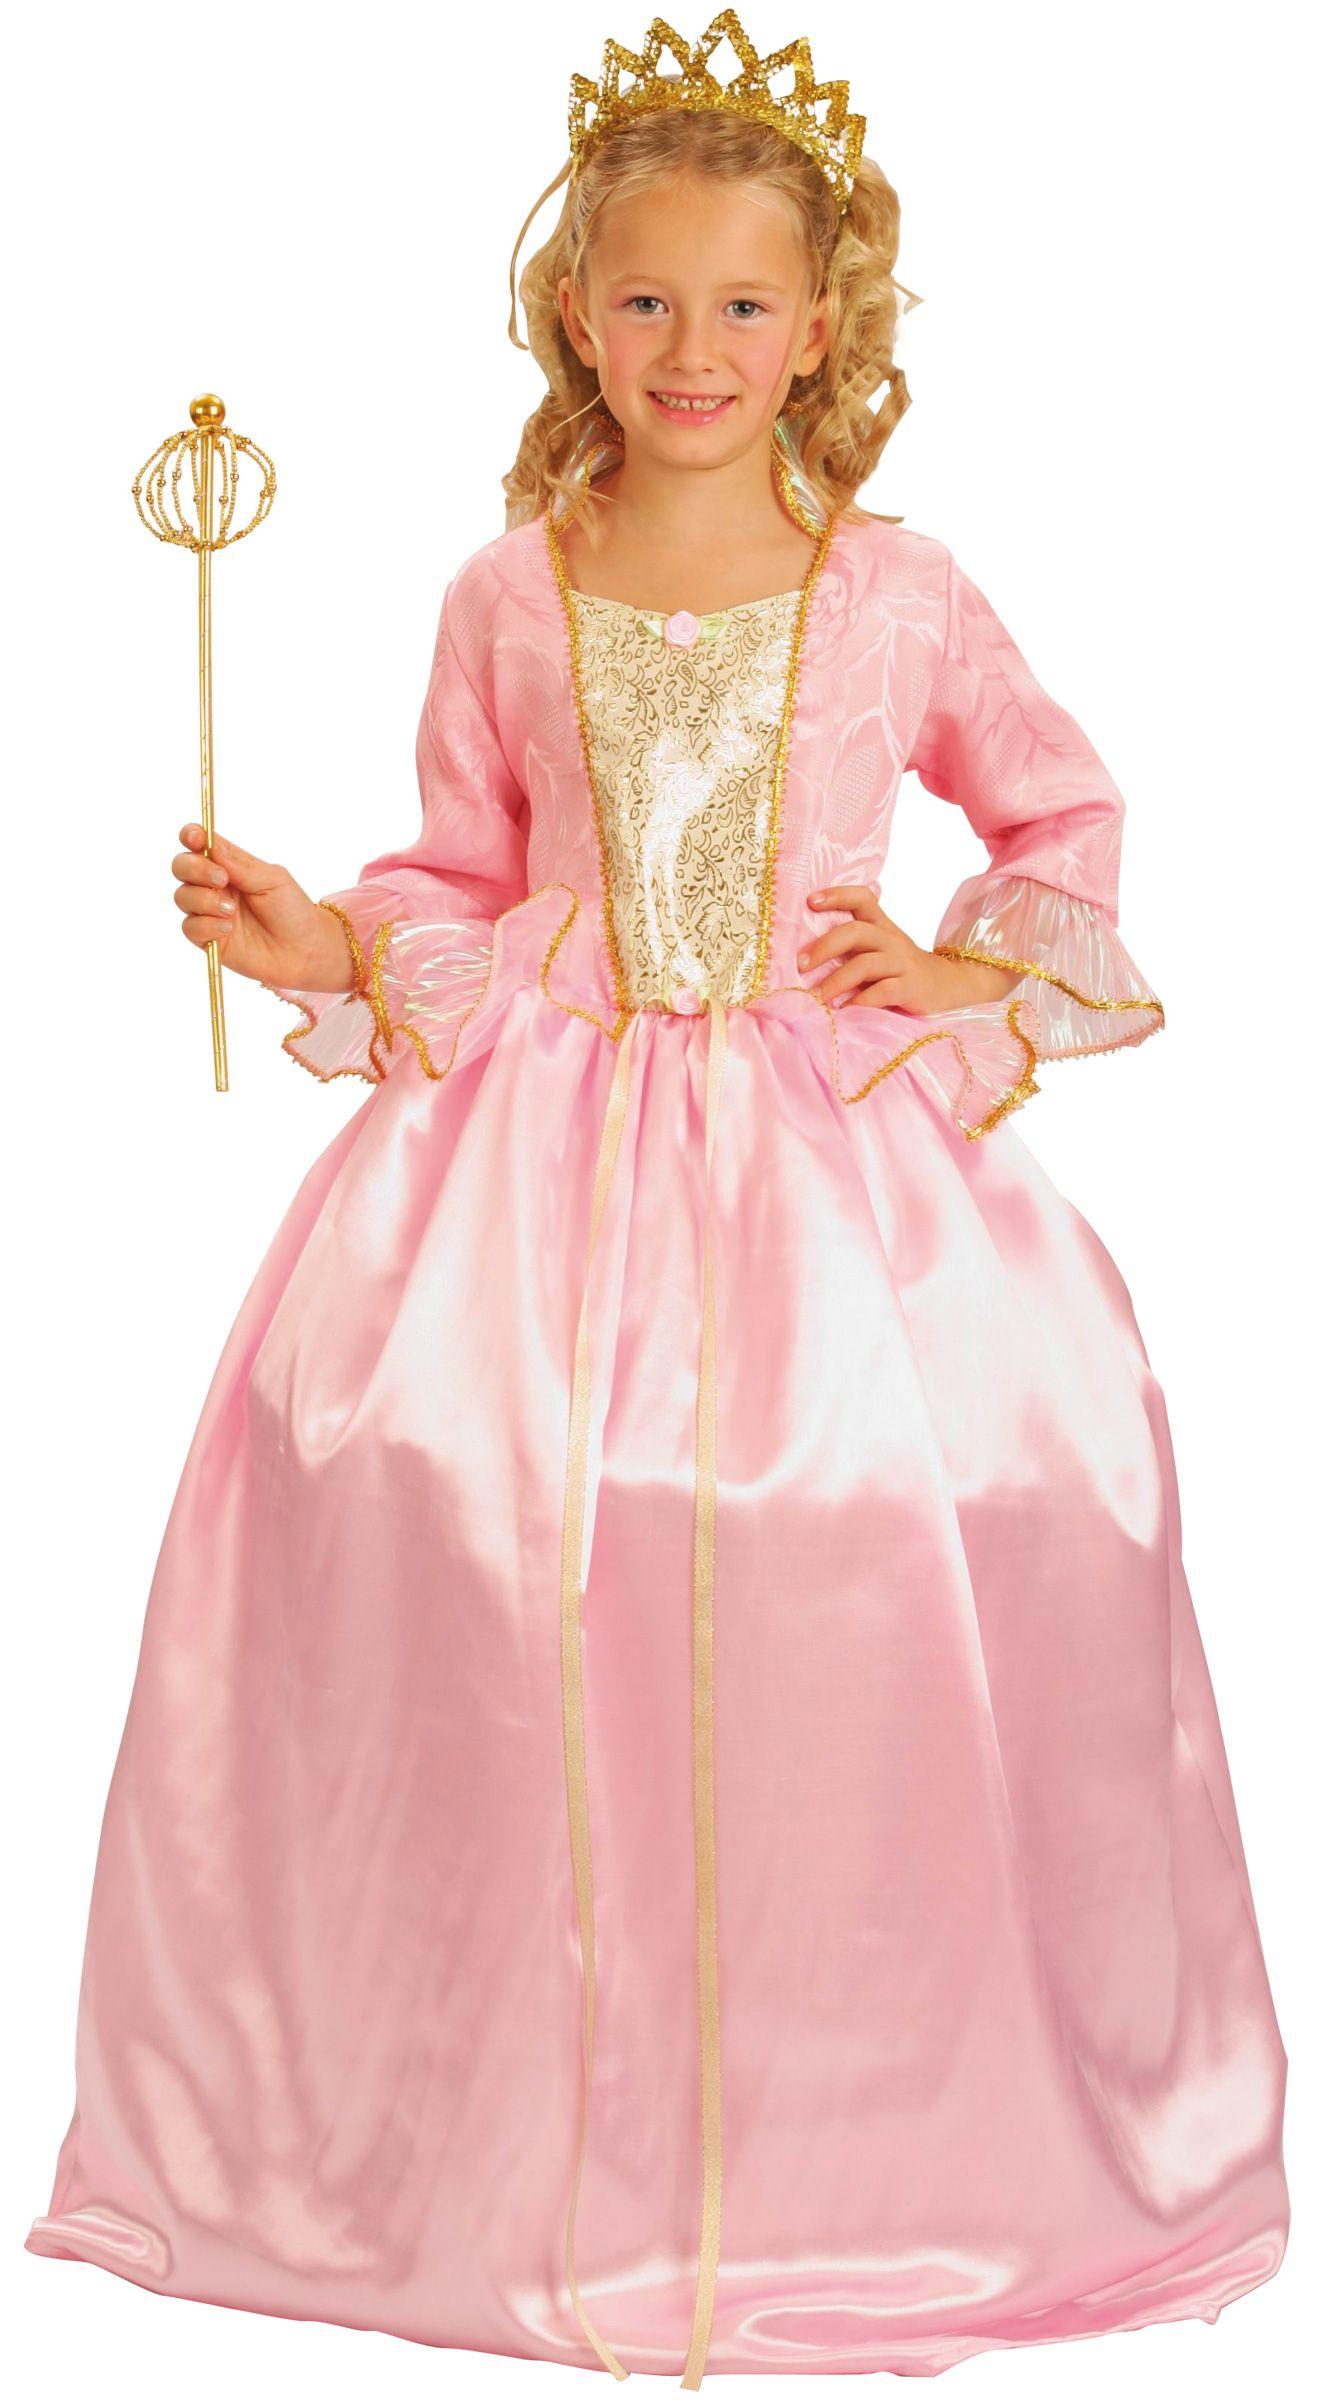 Disfraz rosa de princesa para niña | Pinterest | Disfraz de princesa ...